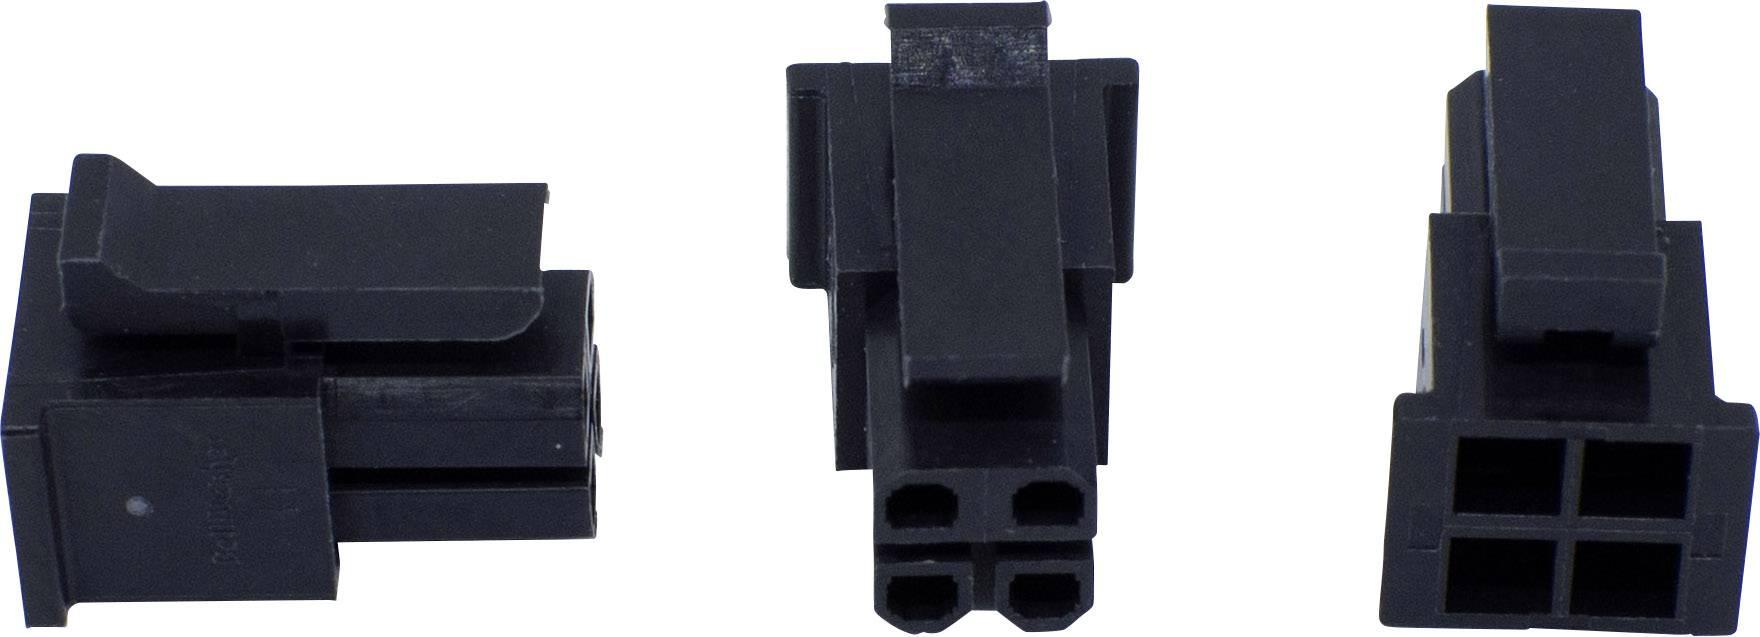 Zásuvkový konektor na kabel BellWether 70093-0200, pólů 2, rozteč 3 mm, 1 ks